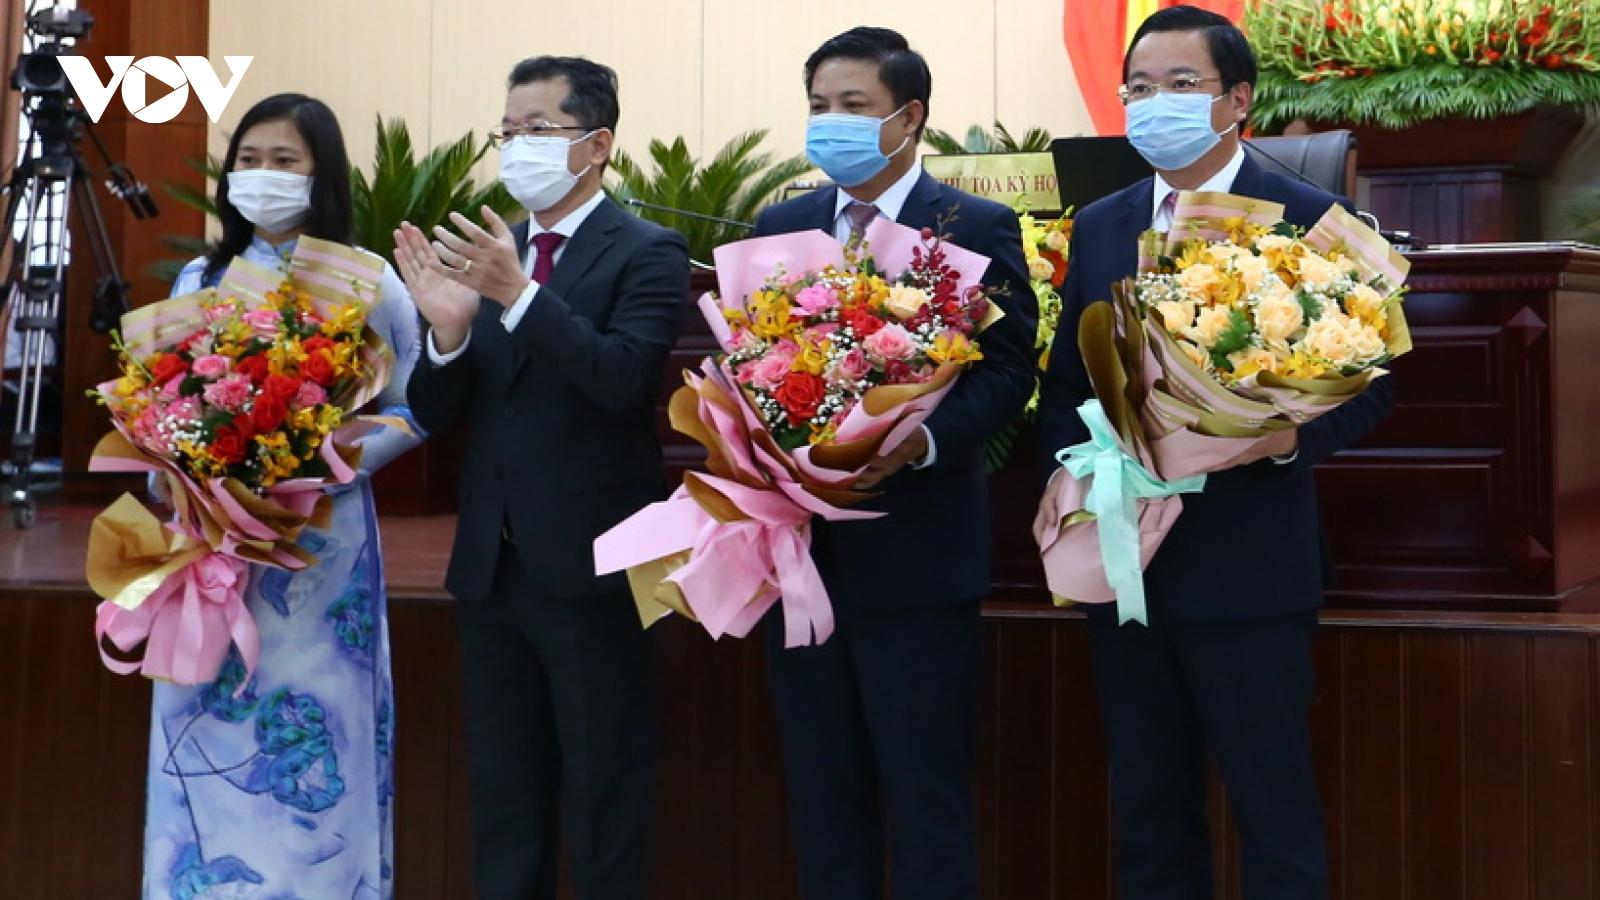 Đà Nẵng bầu các chức danh chủ chốt HĐND và UBND nhiệm kỳ mới